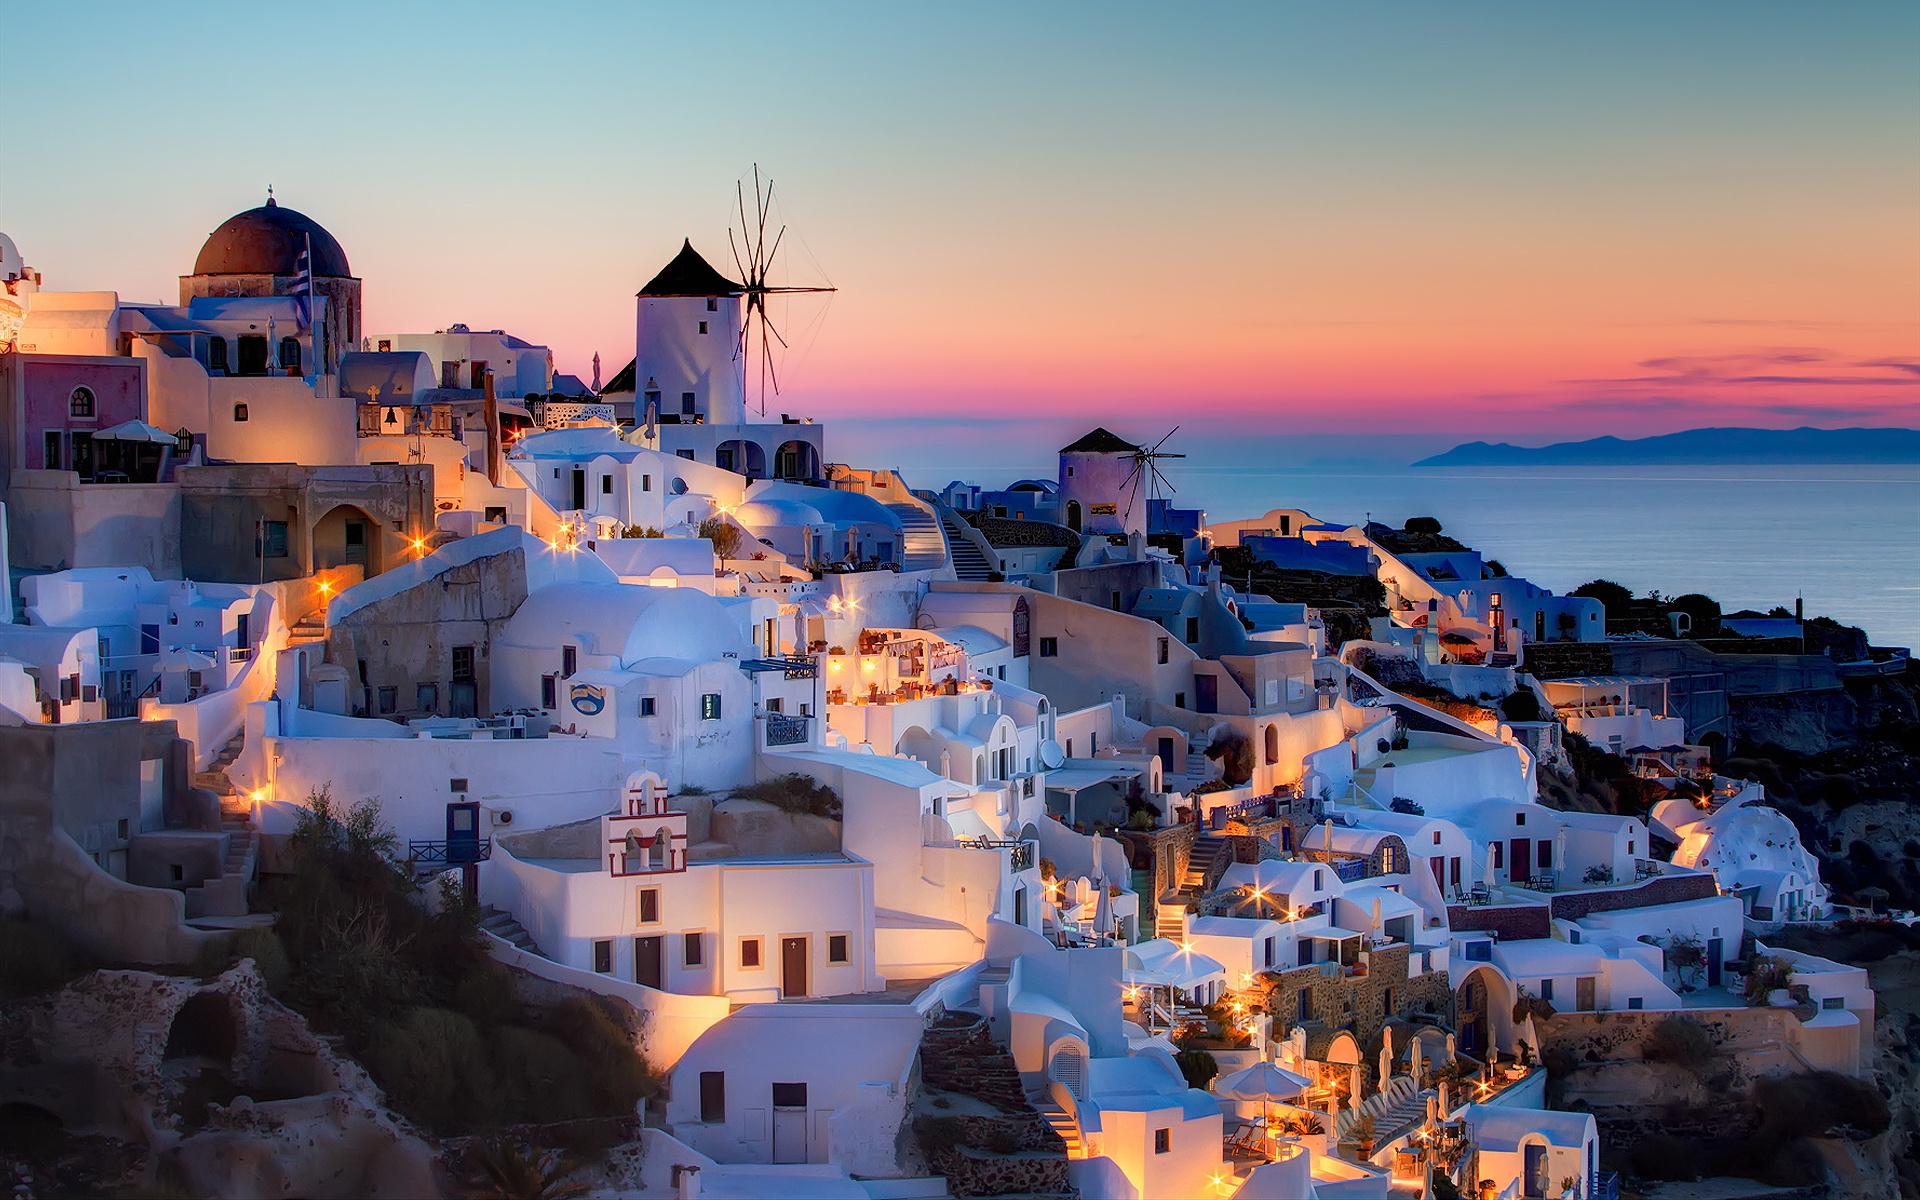 まるで絵画のような絶景を望める美しき楽園「サントリーニ島」